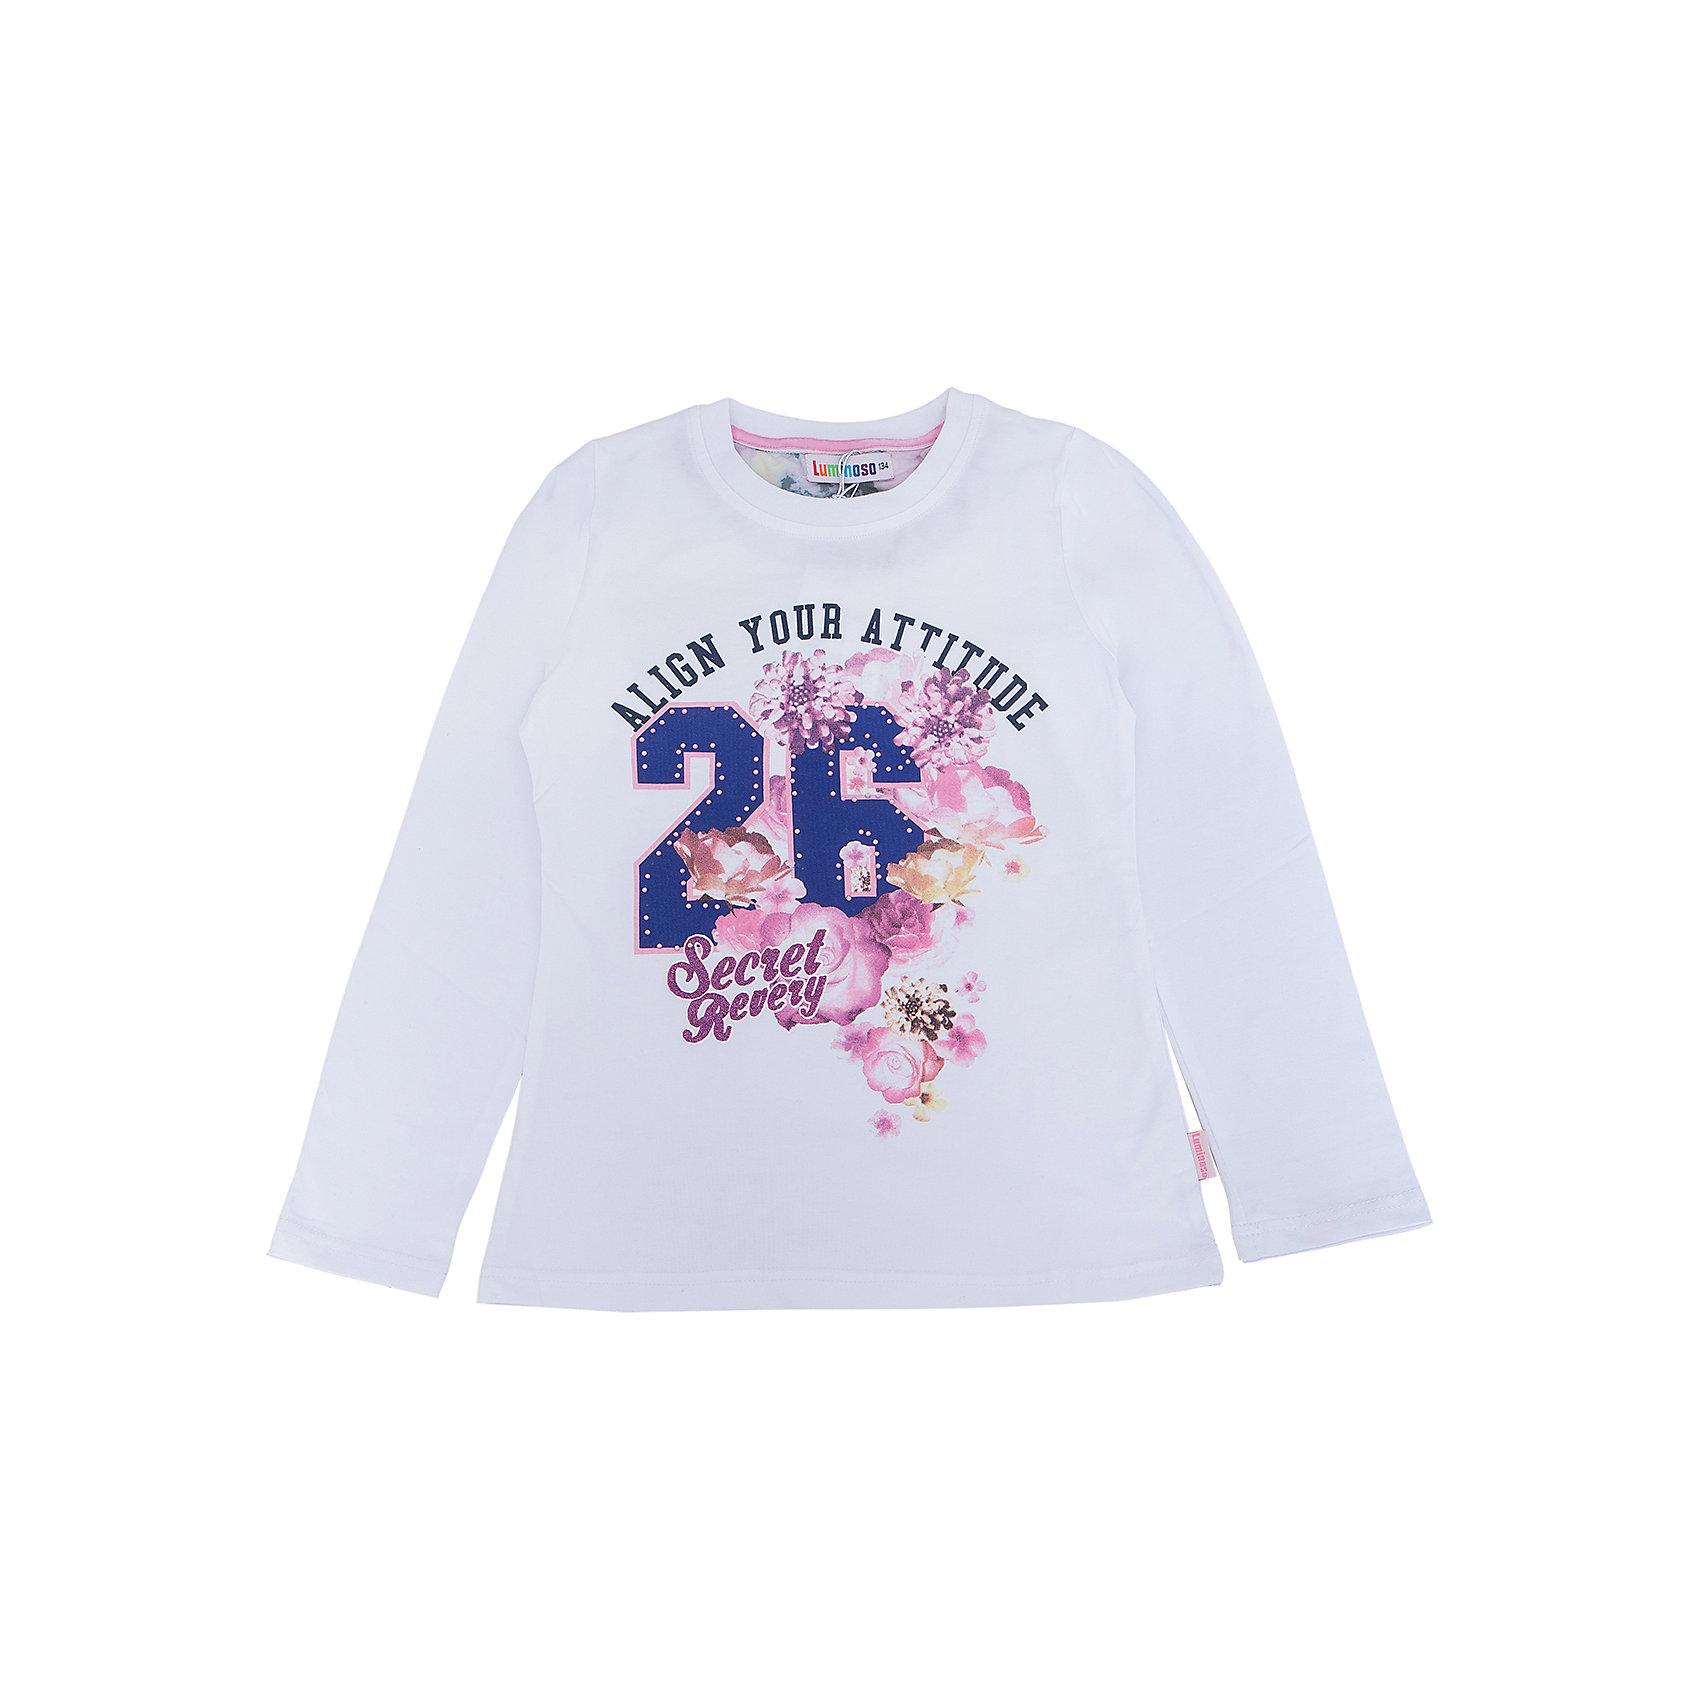 Футболка с длинным рукавом для девочки LuminosoФутболки с длинным рукавом<br>Характеристики товара:<br><br>- цвет: белый;<br>- материал: 95% хлопок, 5% эластан;<br>- декорирована принтом;<br>- длинный рукав;<br>- округлый горловой вырез.<br><br>Стильная одежда от бренда Luminoso (Люминосо), созданная при участии итальянских дизайнеров, учитывает потребности подростков и последние веяния моды. Она удобная и модная.<br>Эта футболка с длинным рукавом выглядит стильно и нарядно, но при этом подходит для ежедневного ношения. Он хорошо сидит на ребенке, обеспечивает комфорт и отлично сочетается с одежной разных стилей. Модель отличается высоким качеством материала и продуманным дизайном. Натуральный хлопок в составе изделия делает его дышащим, приятным на ощупь и гипоаллергеным.<br><br>Футболку с длинным рукавом для девочки от бренда Luminoso (Люминосо) можно купить в нашем интернет-магазине.<br><br>Ширина мм: 230<br>Глубина мм: 40<br>Высота мм: 220<br>Вес г: 250<br>Цвет: белый<br>Возраст от месяцев: 120<br>Возраст до месяцев: 132<br>Пол: Женский<br>Возраст: Детский<br>Размер: 146,158,164,152,134,140<br>SKU: 4929584